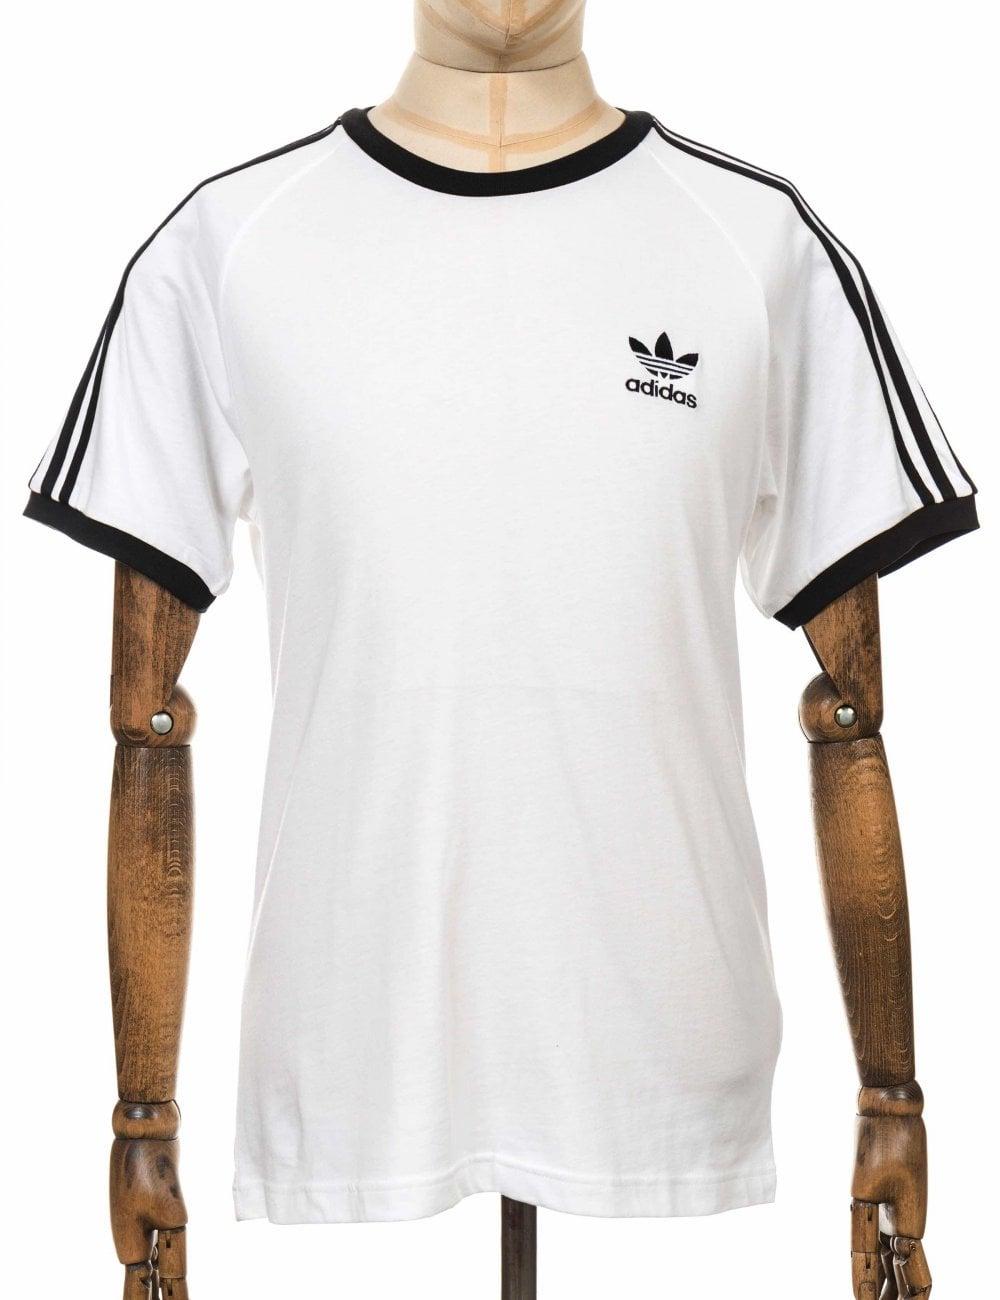 3 Stripe Trefoil Tee - White/Black